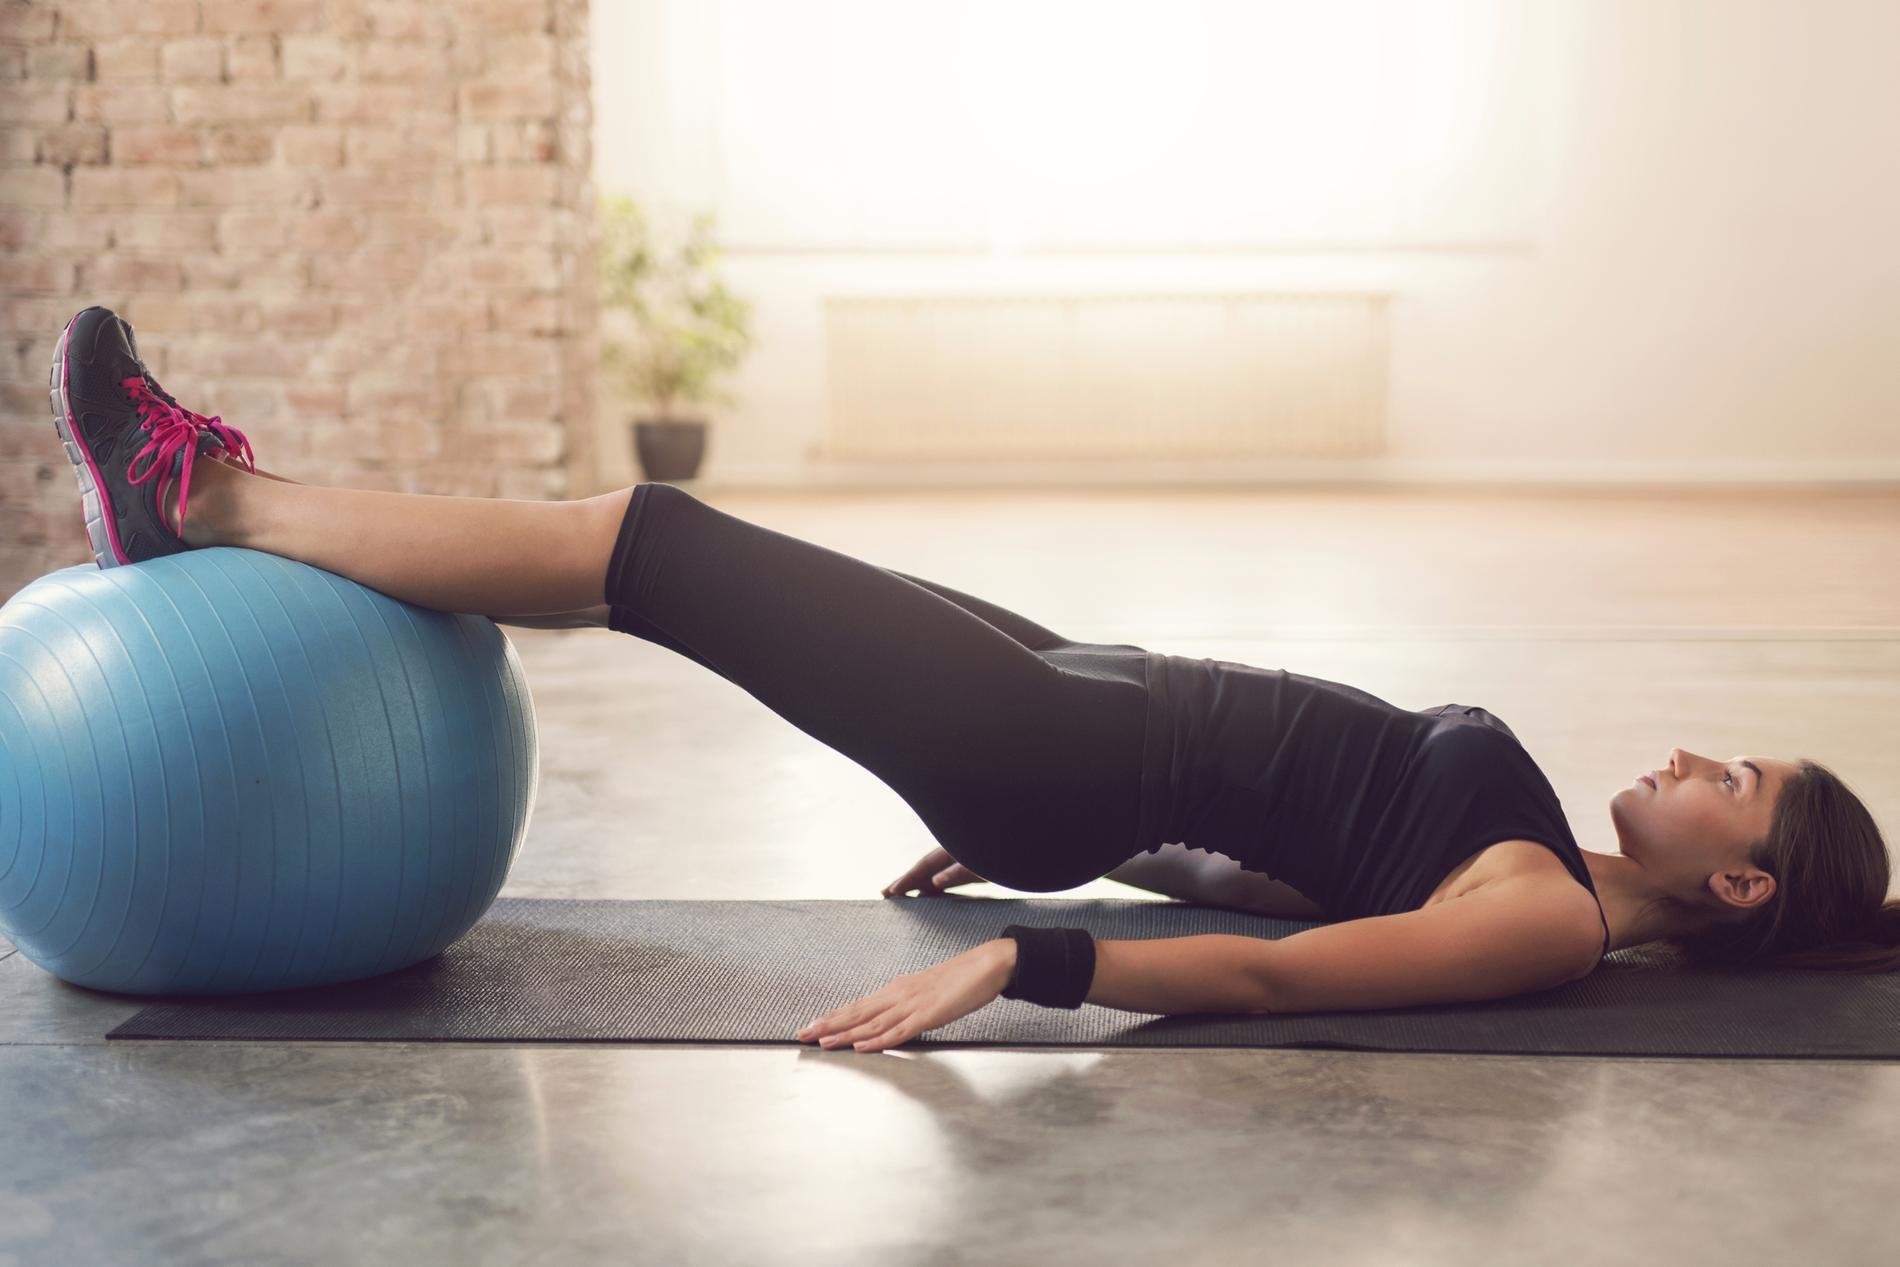 Populaires Les exercices à faire avec un ballon de pilates pour muscler abdos  GV25